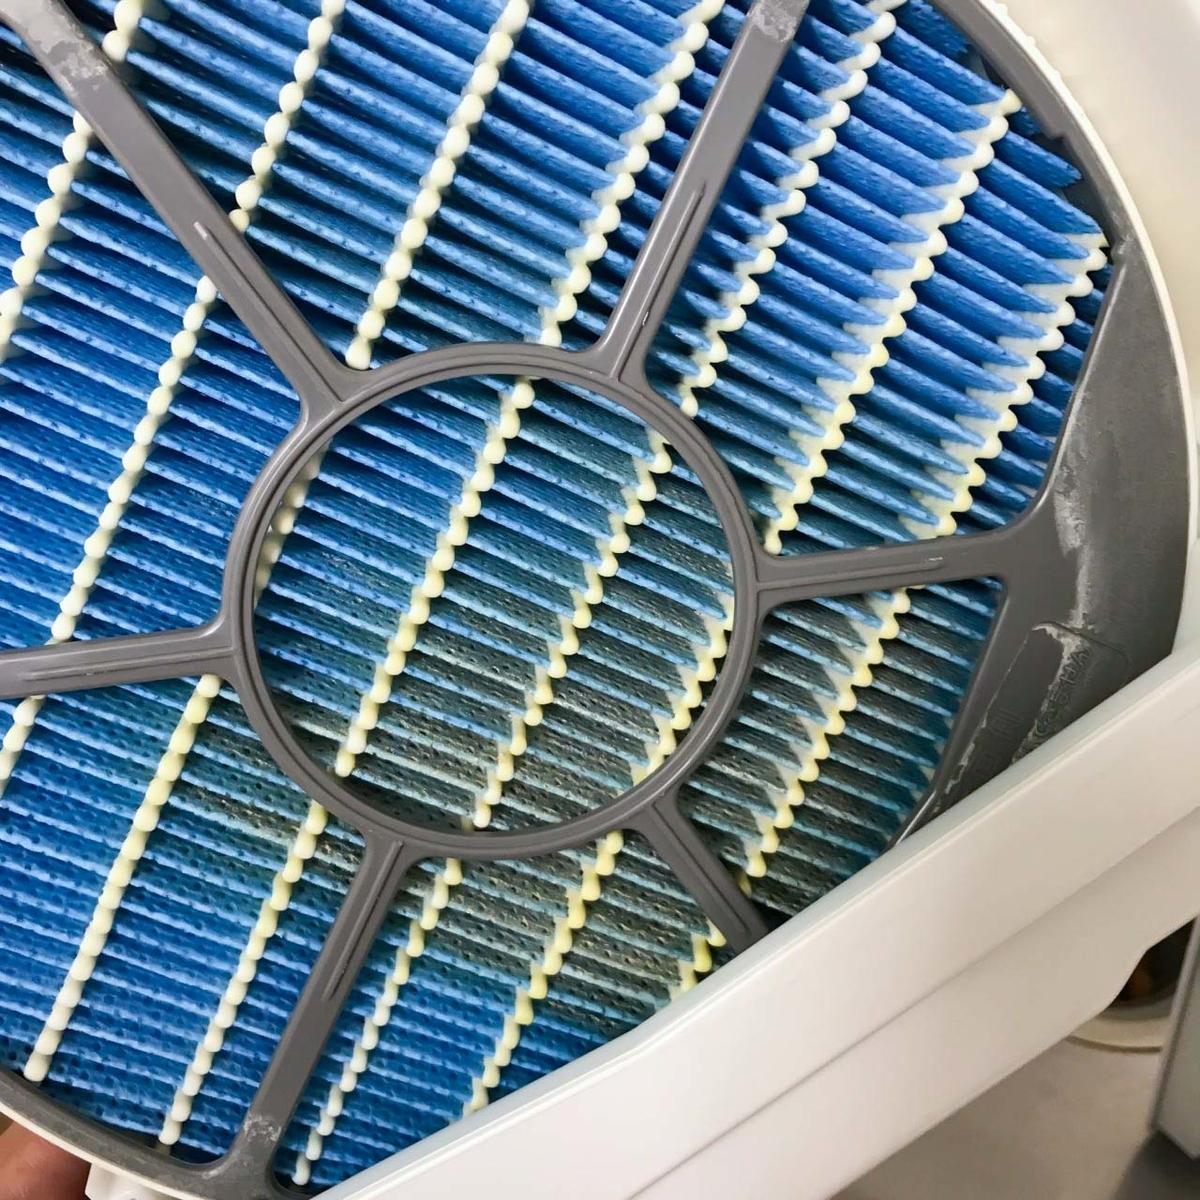 シャープの空気清浄機の加湿フィルター 汚れだらけ